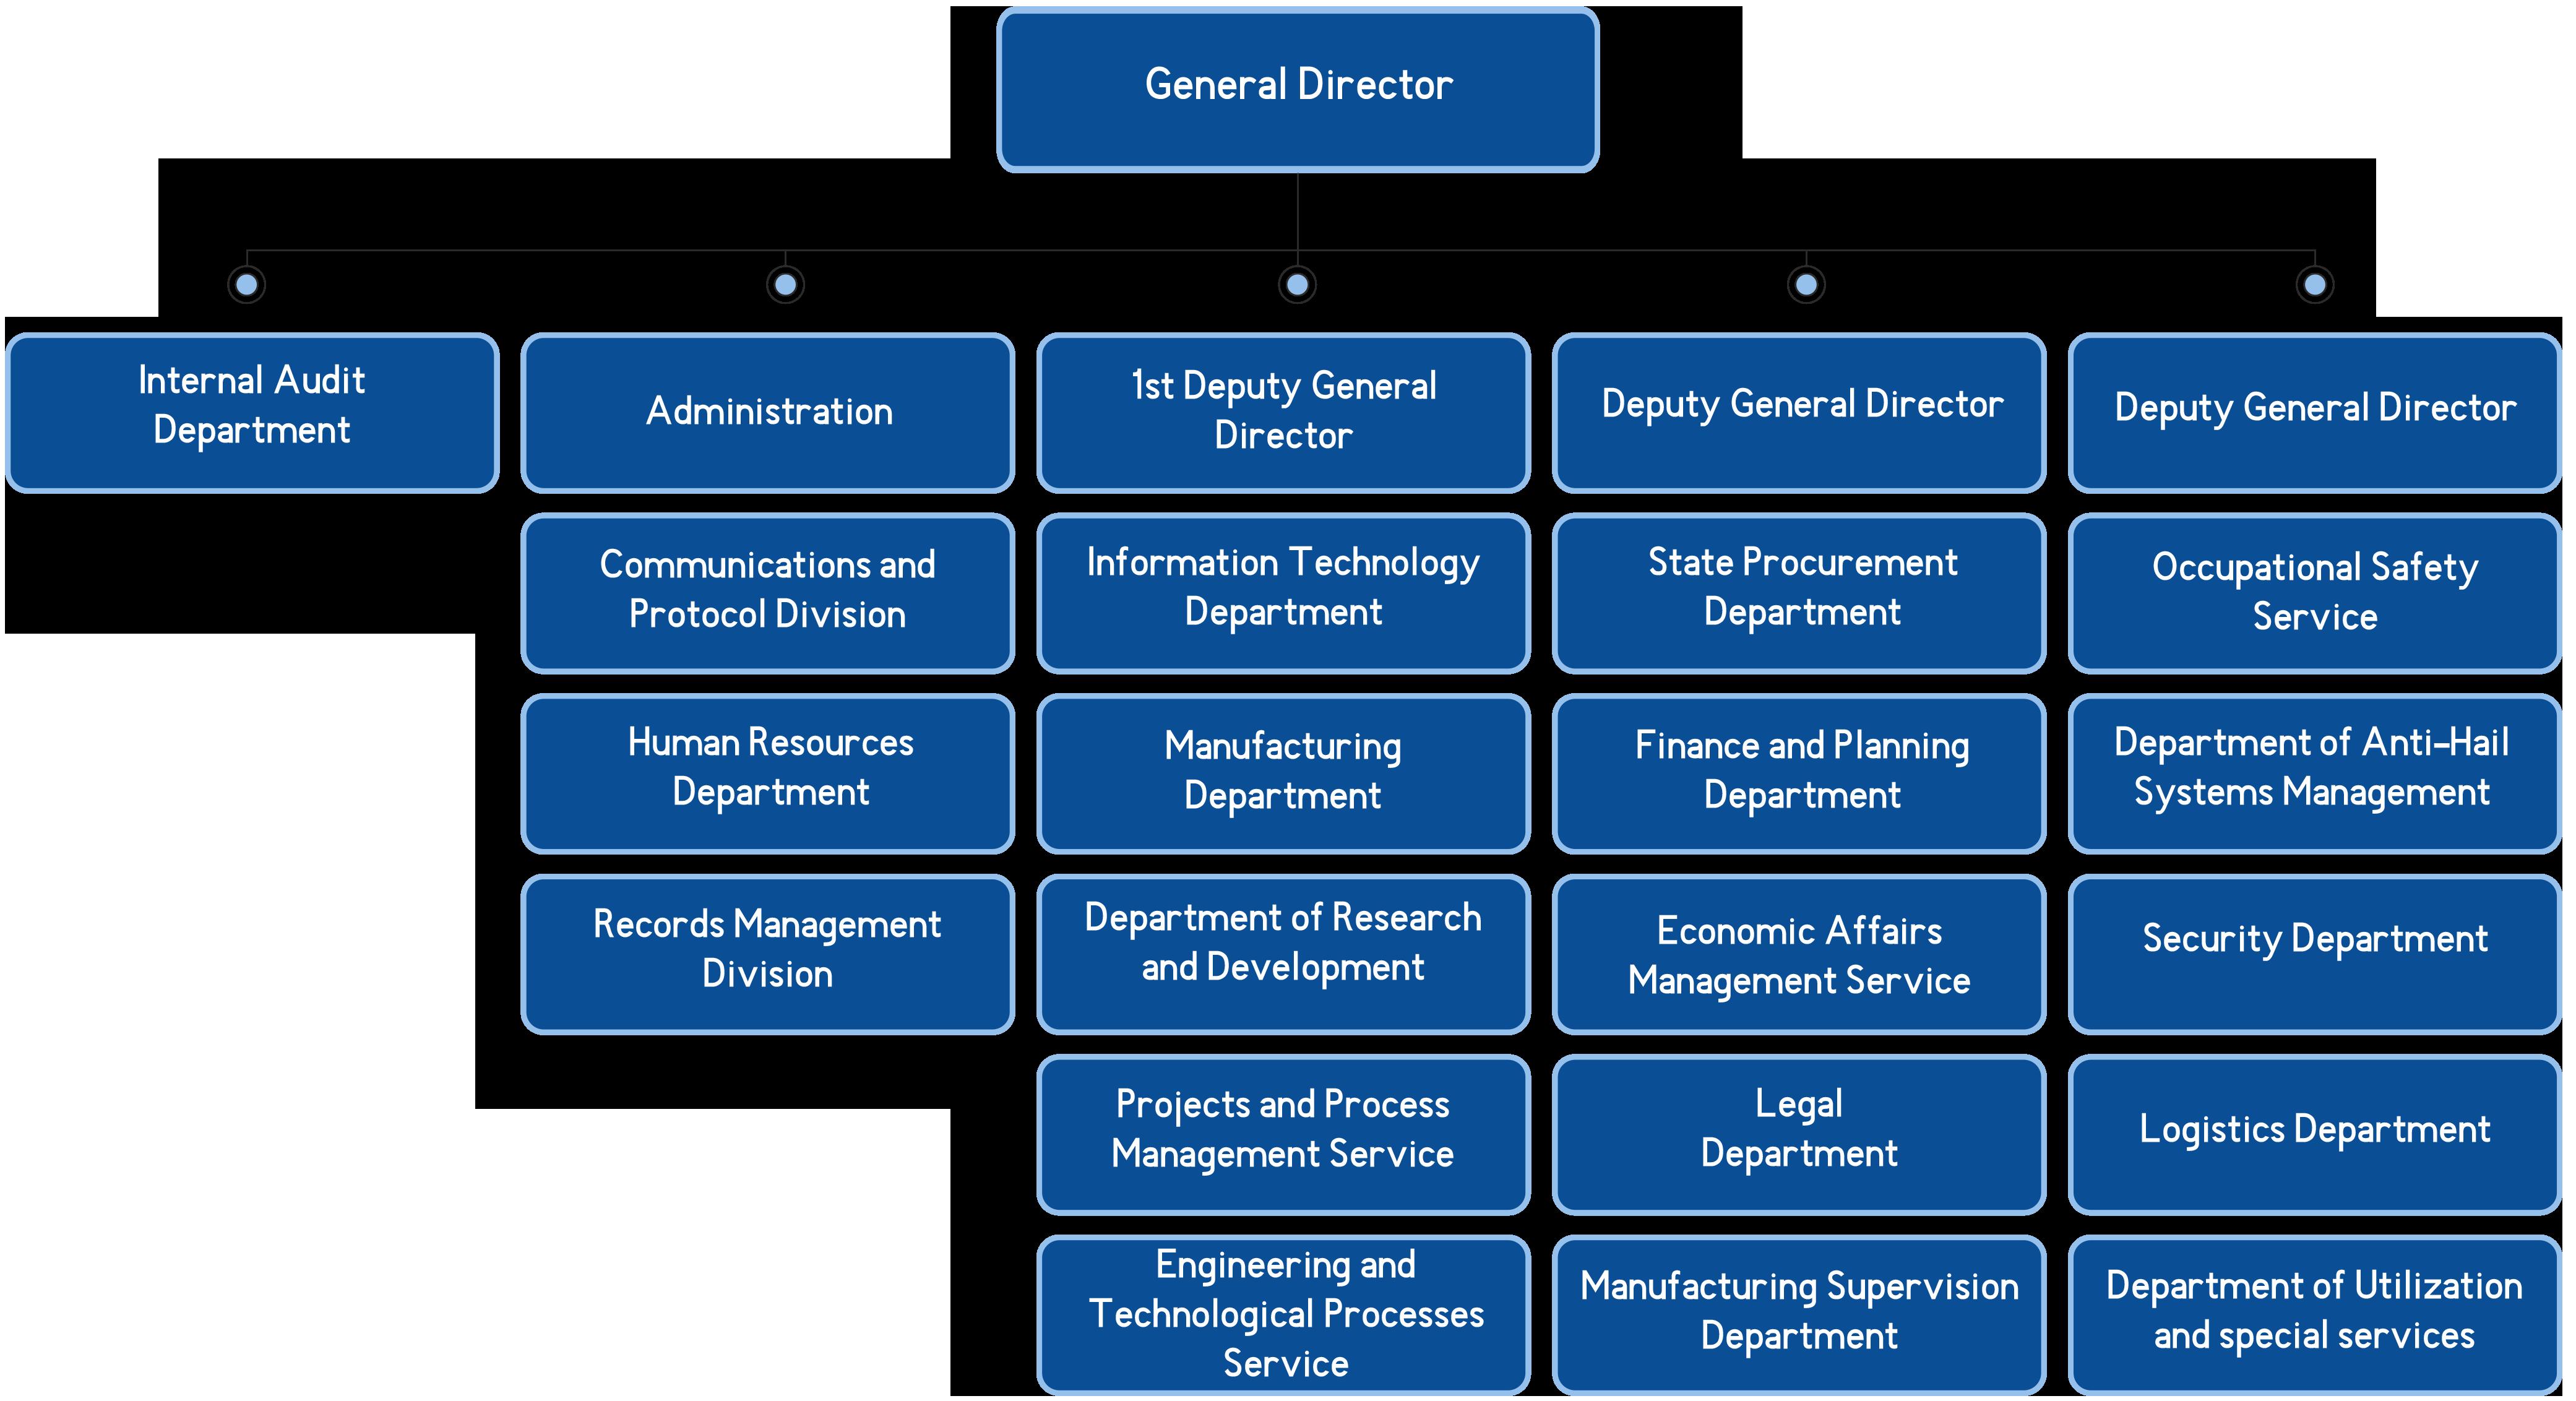 DELTA ORGANIZATIONAL STRUCTURE